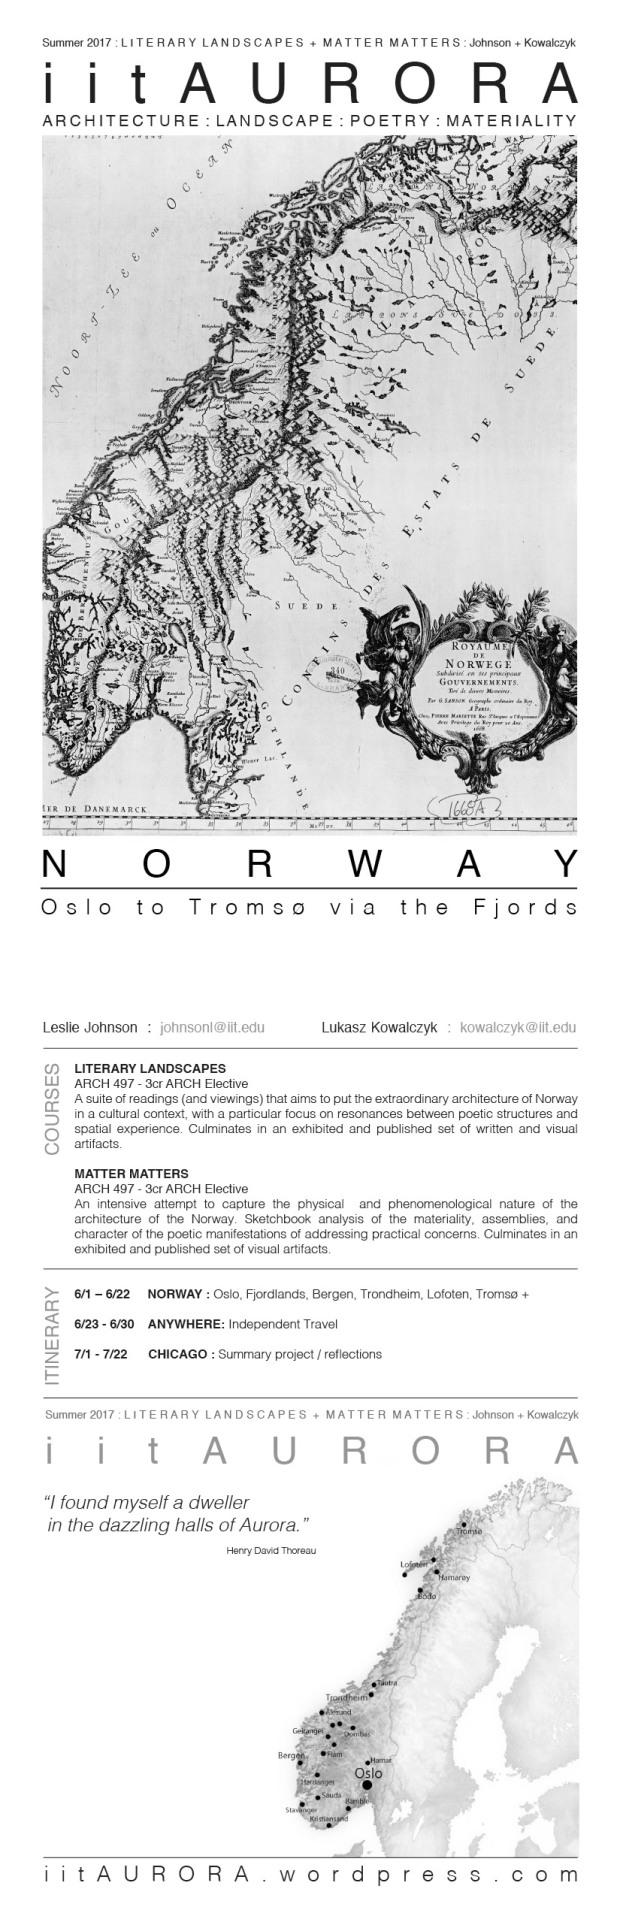 iitaurora2017_flier_johnson-kowalczyk-full-length